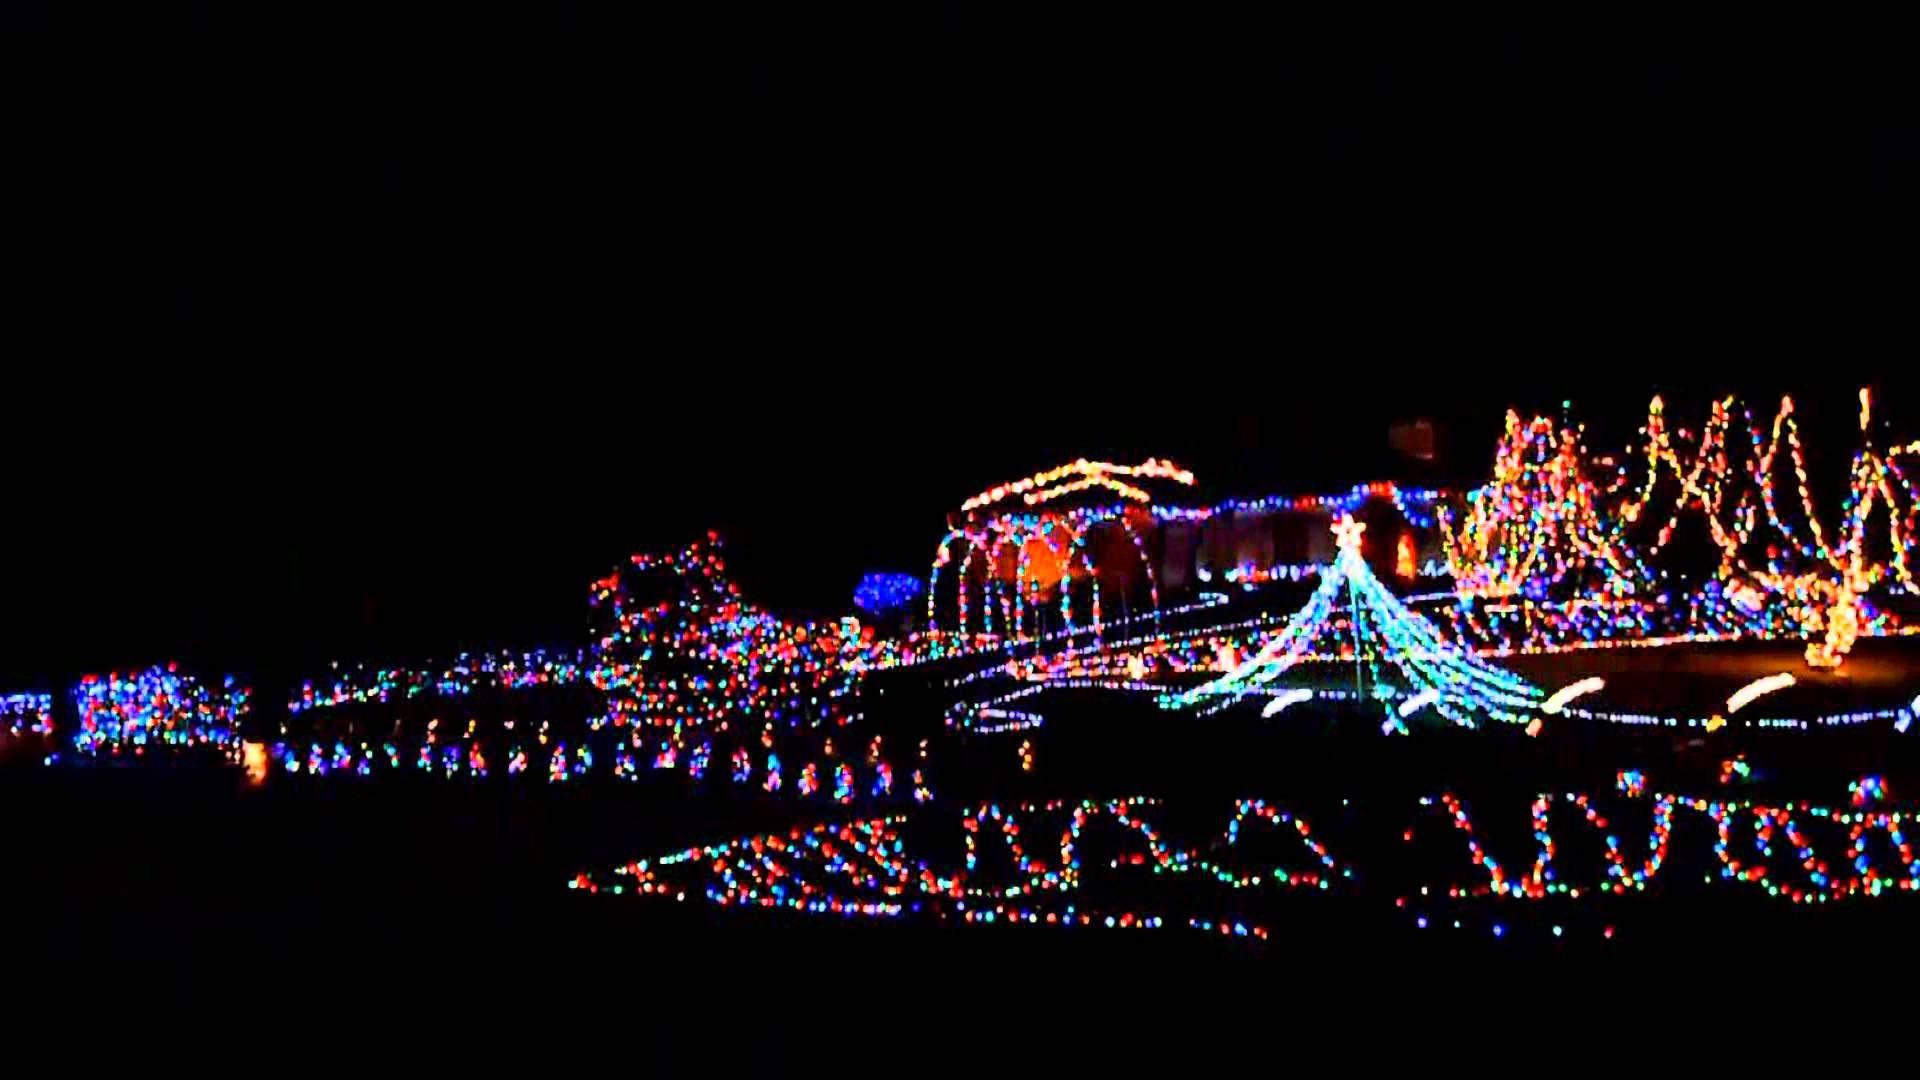 Rooker Brown Family Christmas Lights 2013 Christmas Light Show Christmas Lights Holiday Lights Display